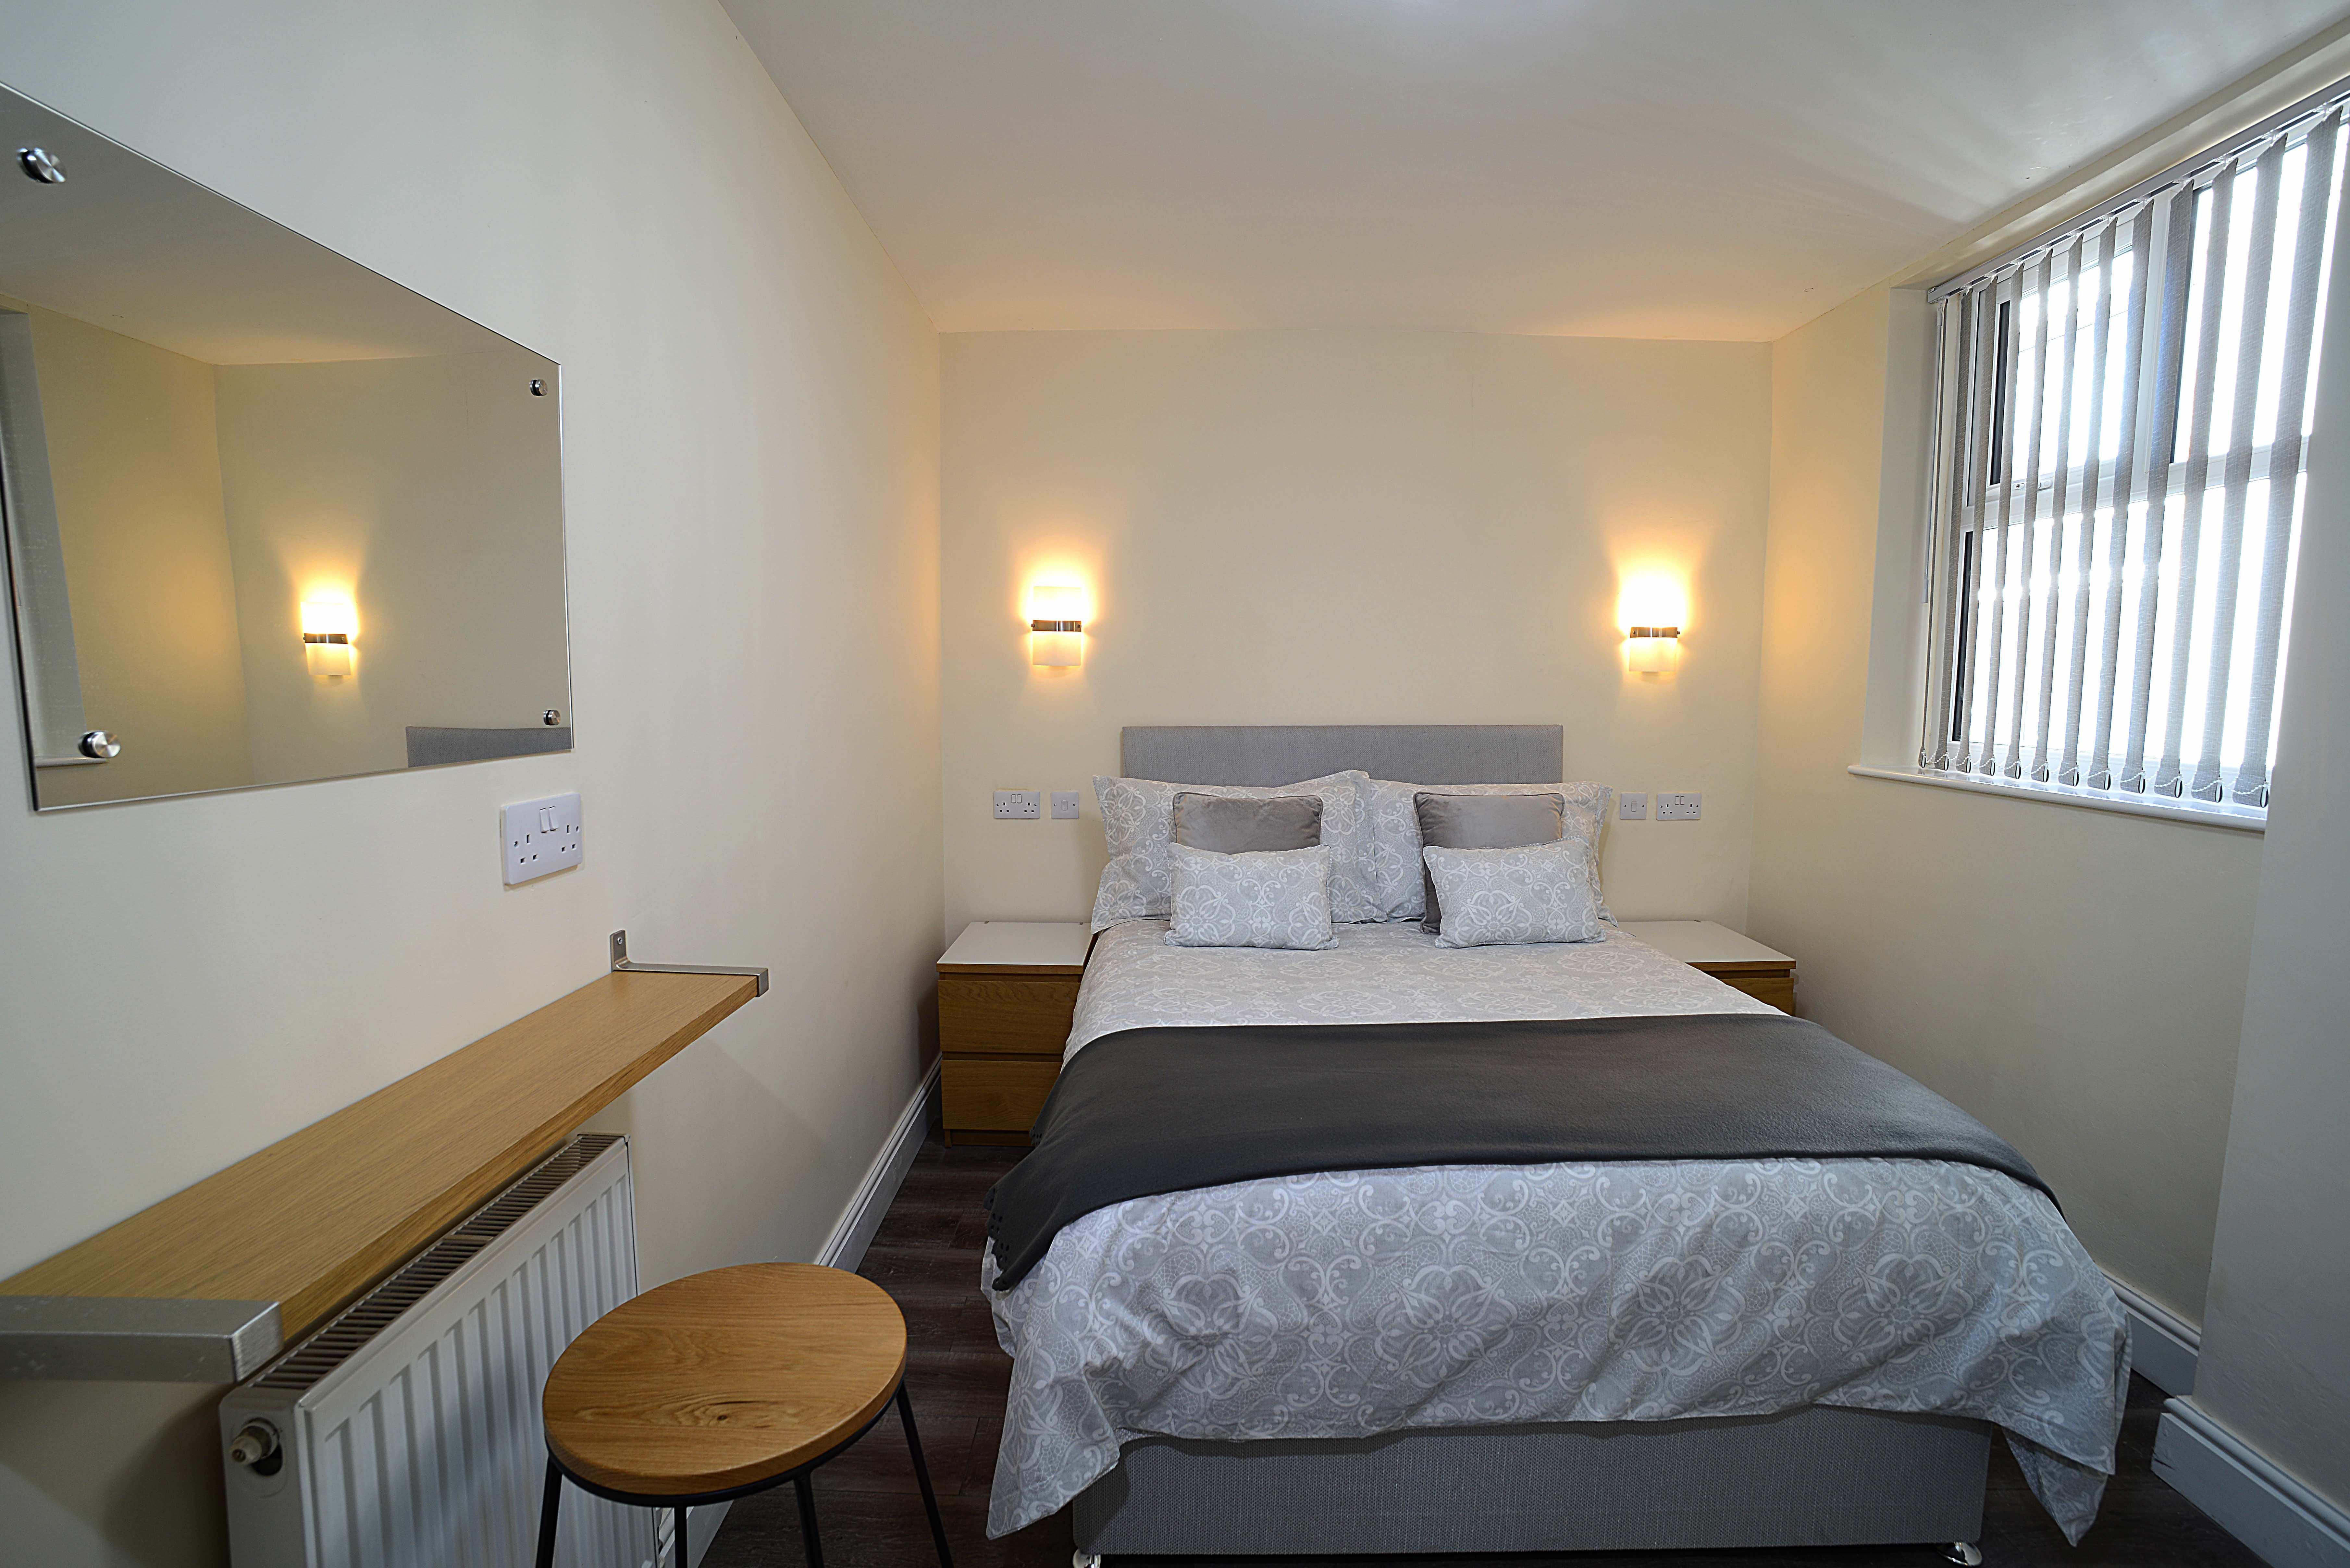 Flat 1 Ground Floor 1 Bedroom Apartment For 4 Twelve Apartments Blackpool Twelve Apartments Blackpool